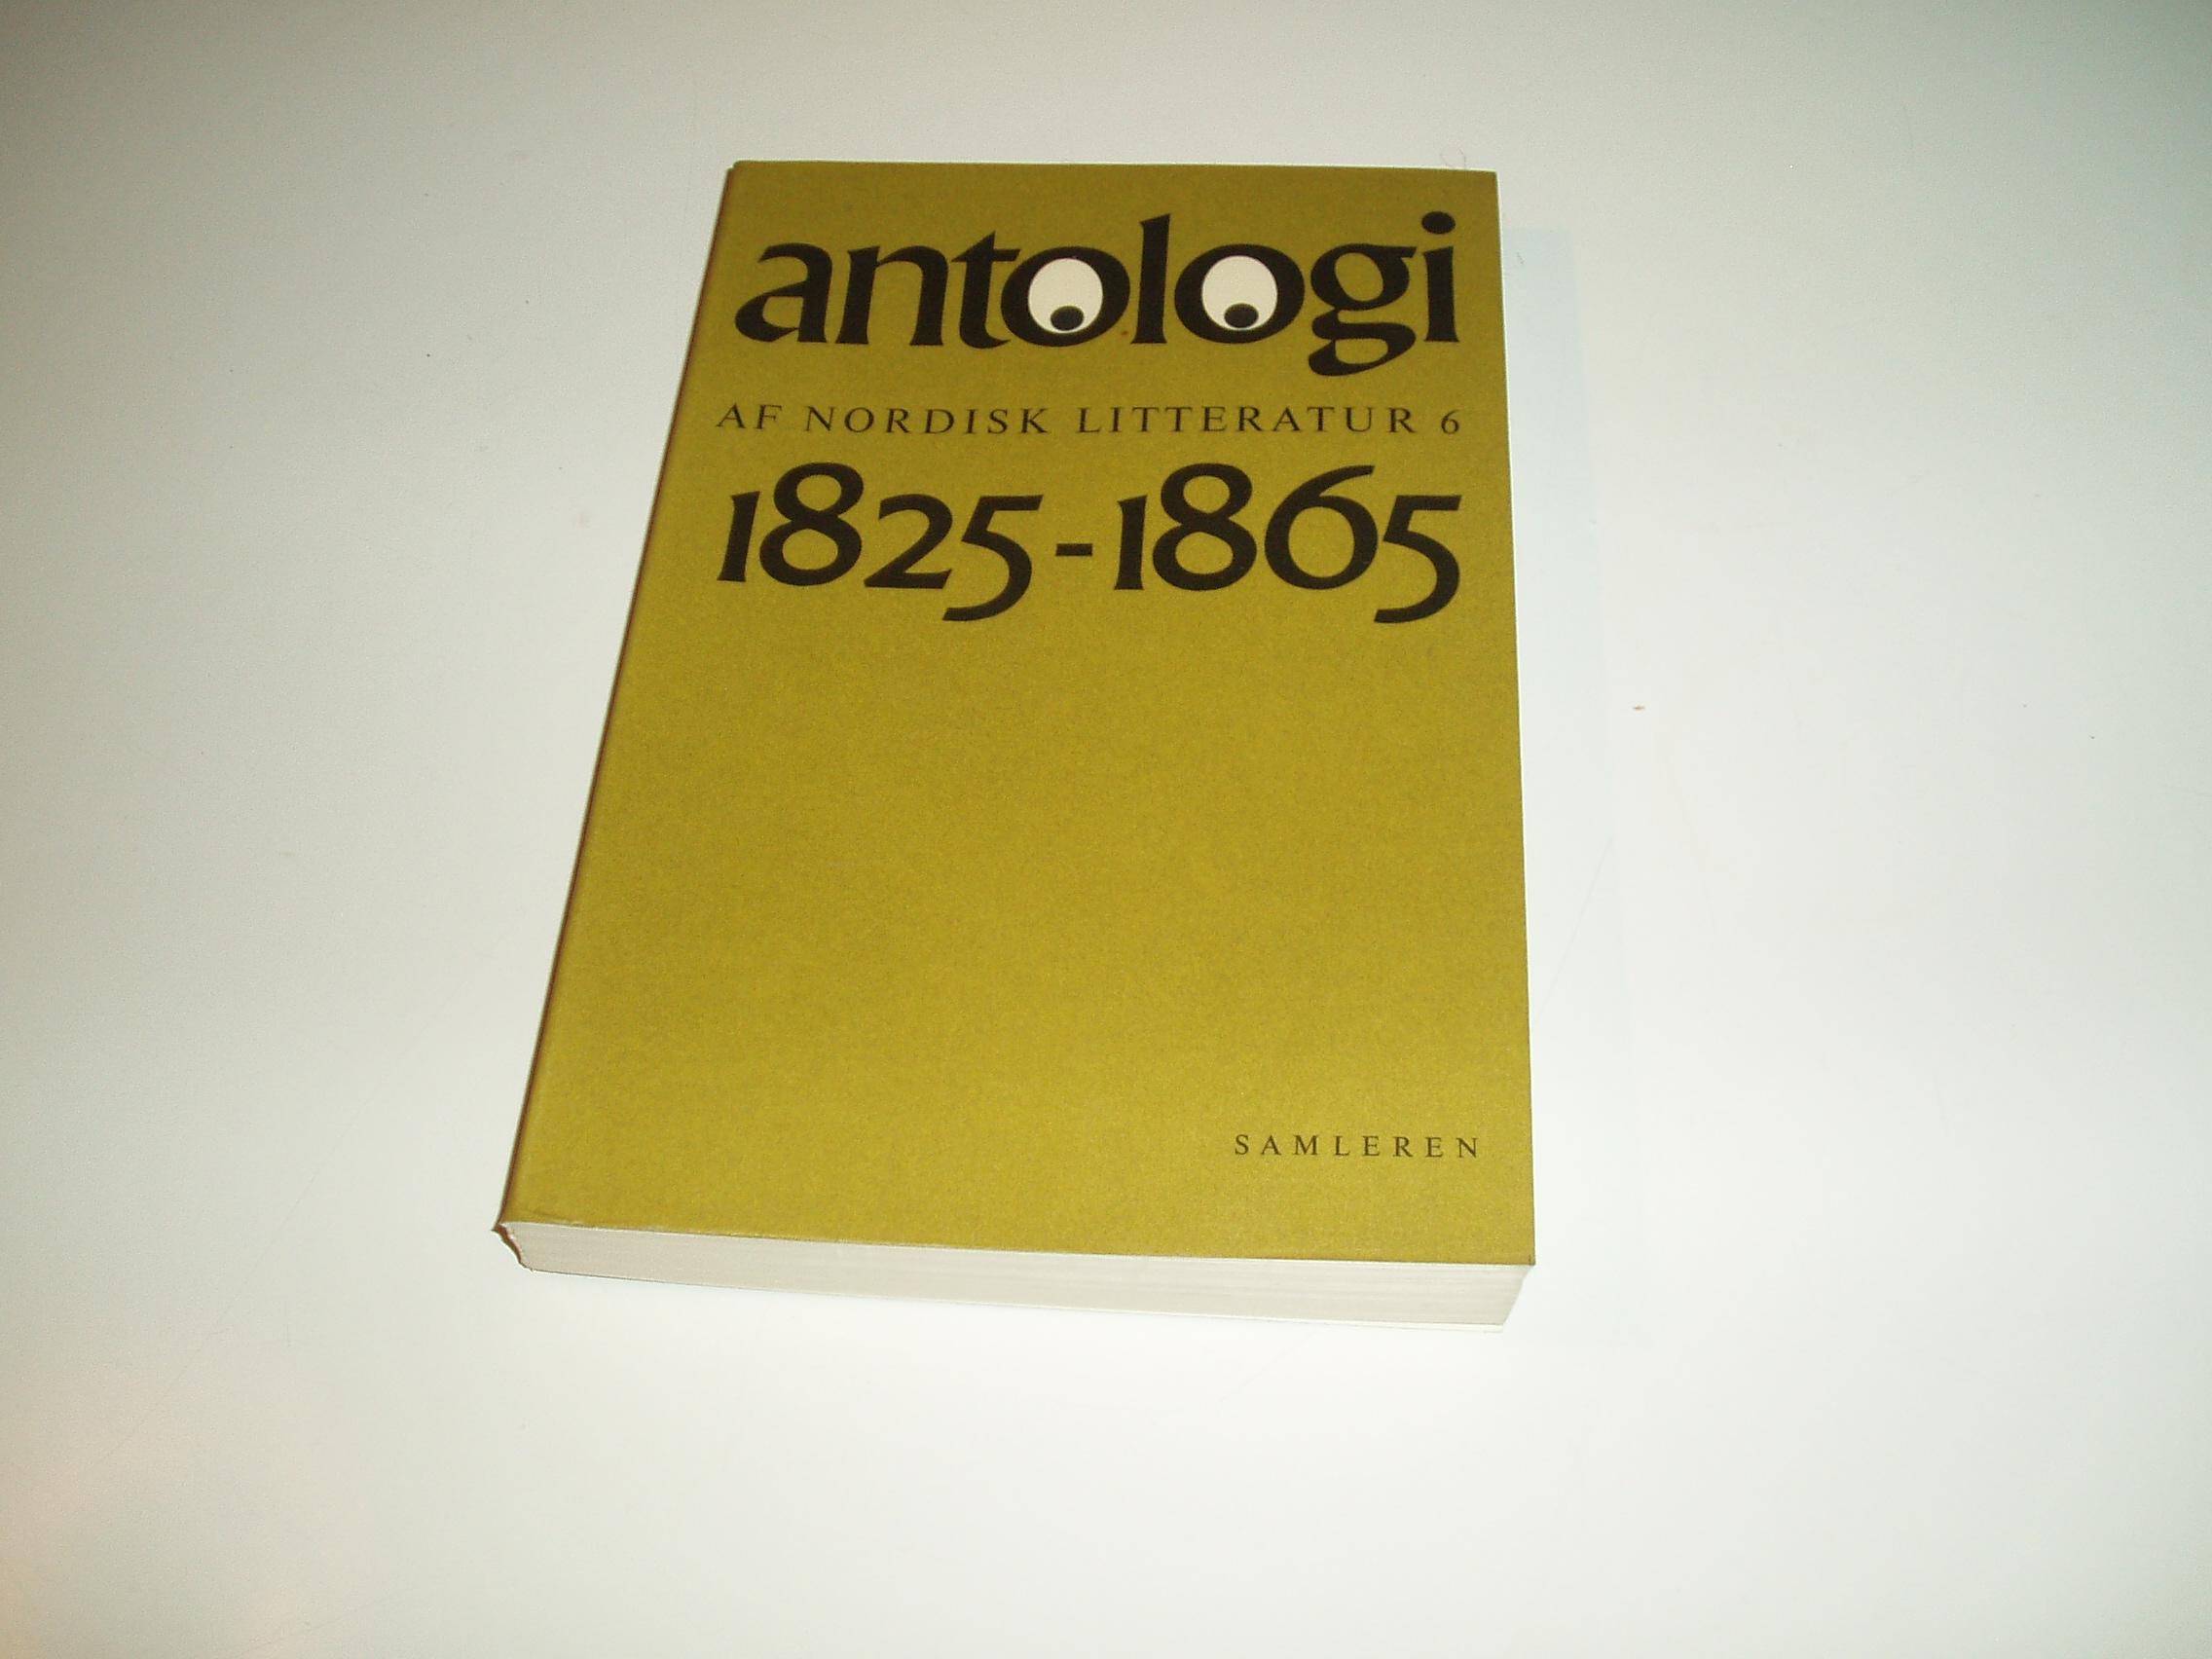 Antologi af nordisk litteratur 6. 1825-1865